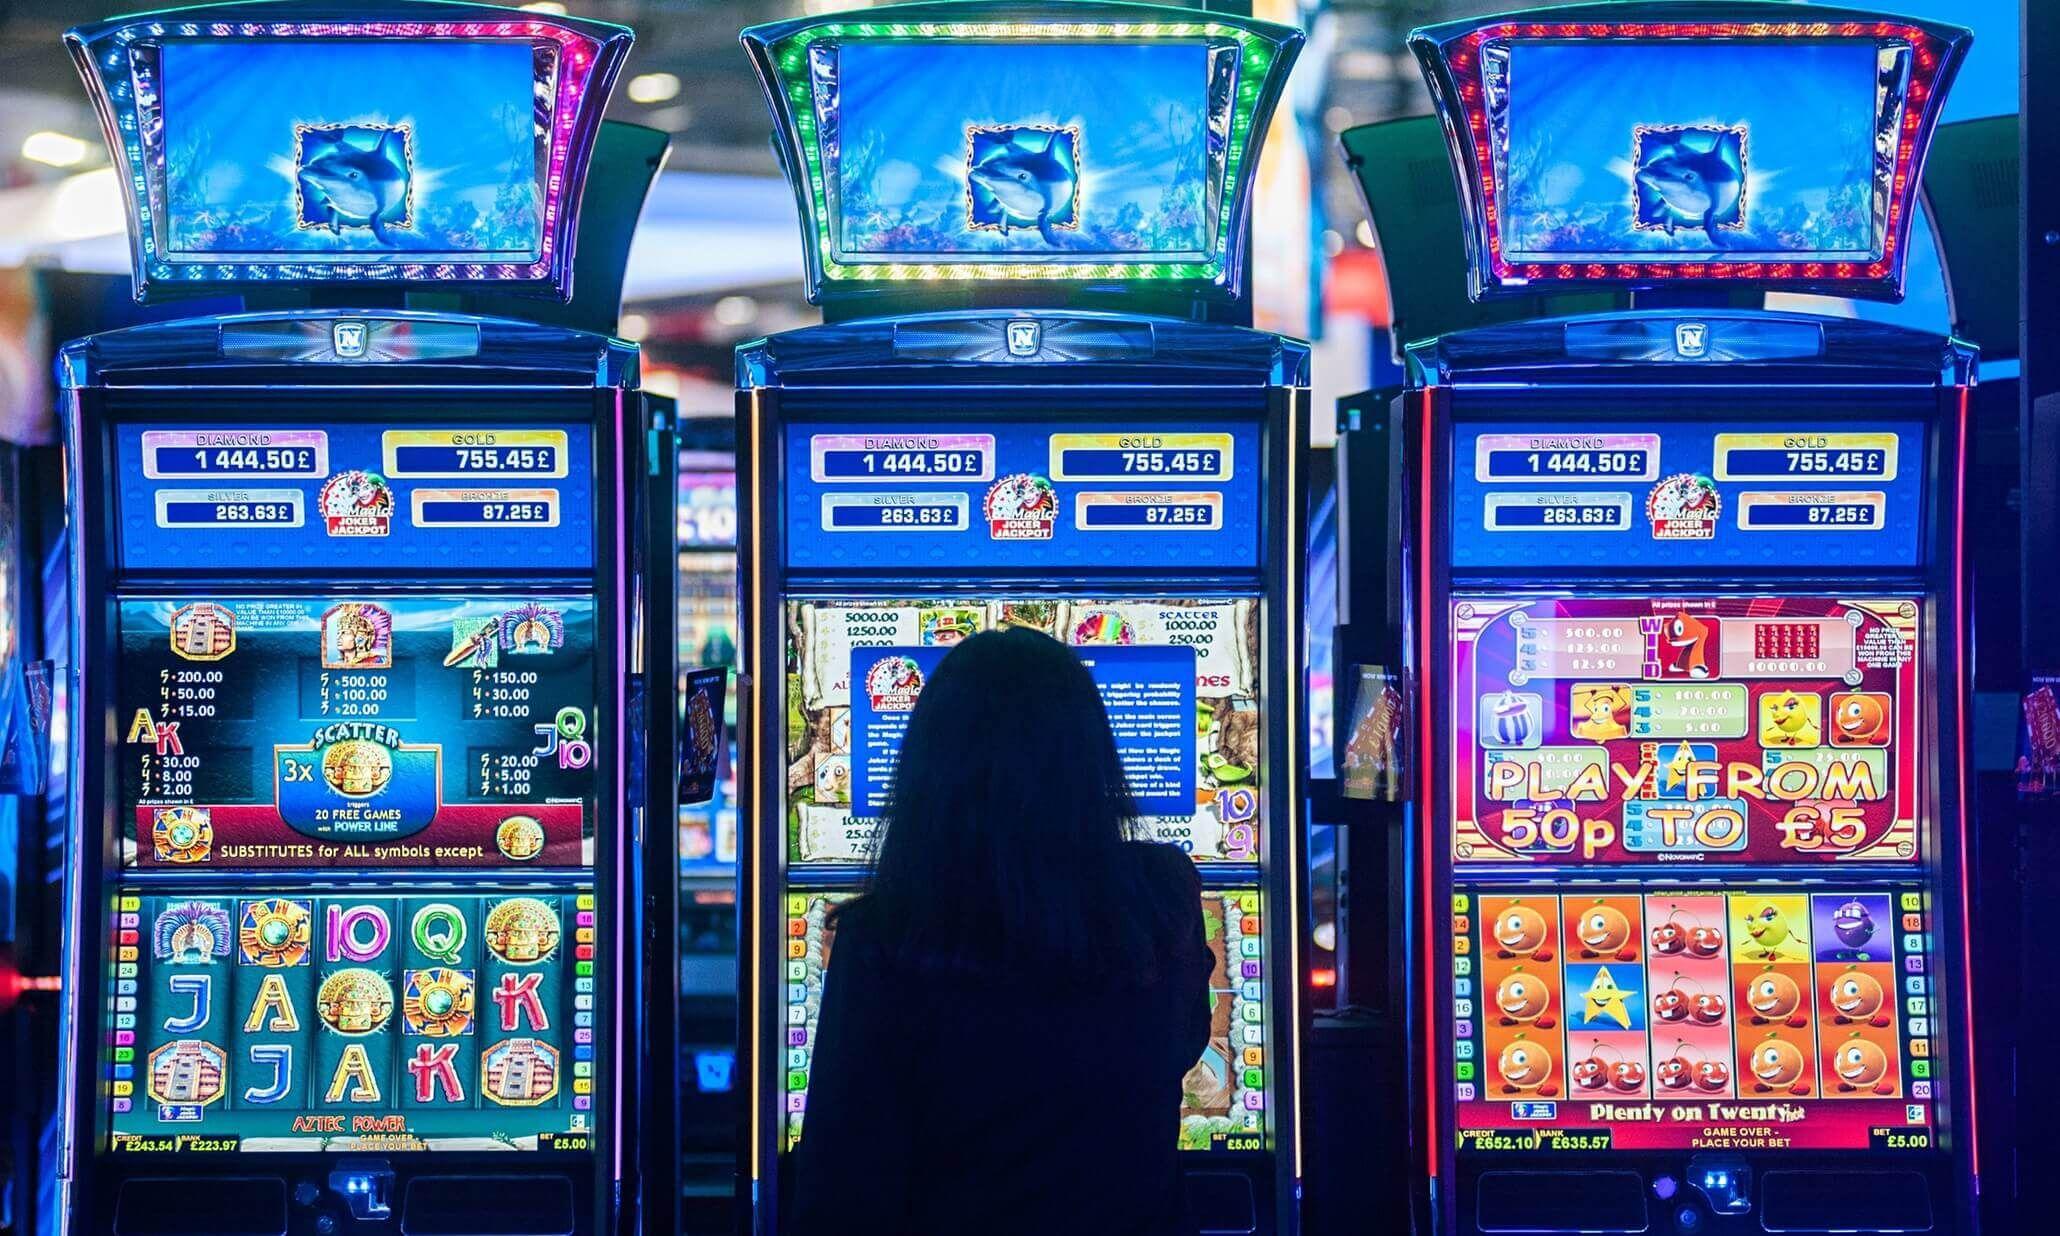 Игровые автоматы с бездепозитным бонусом при регистрации и выводом средств зарубежные игровые автоматы